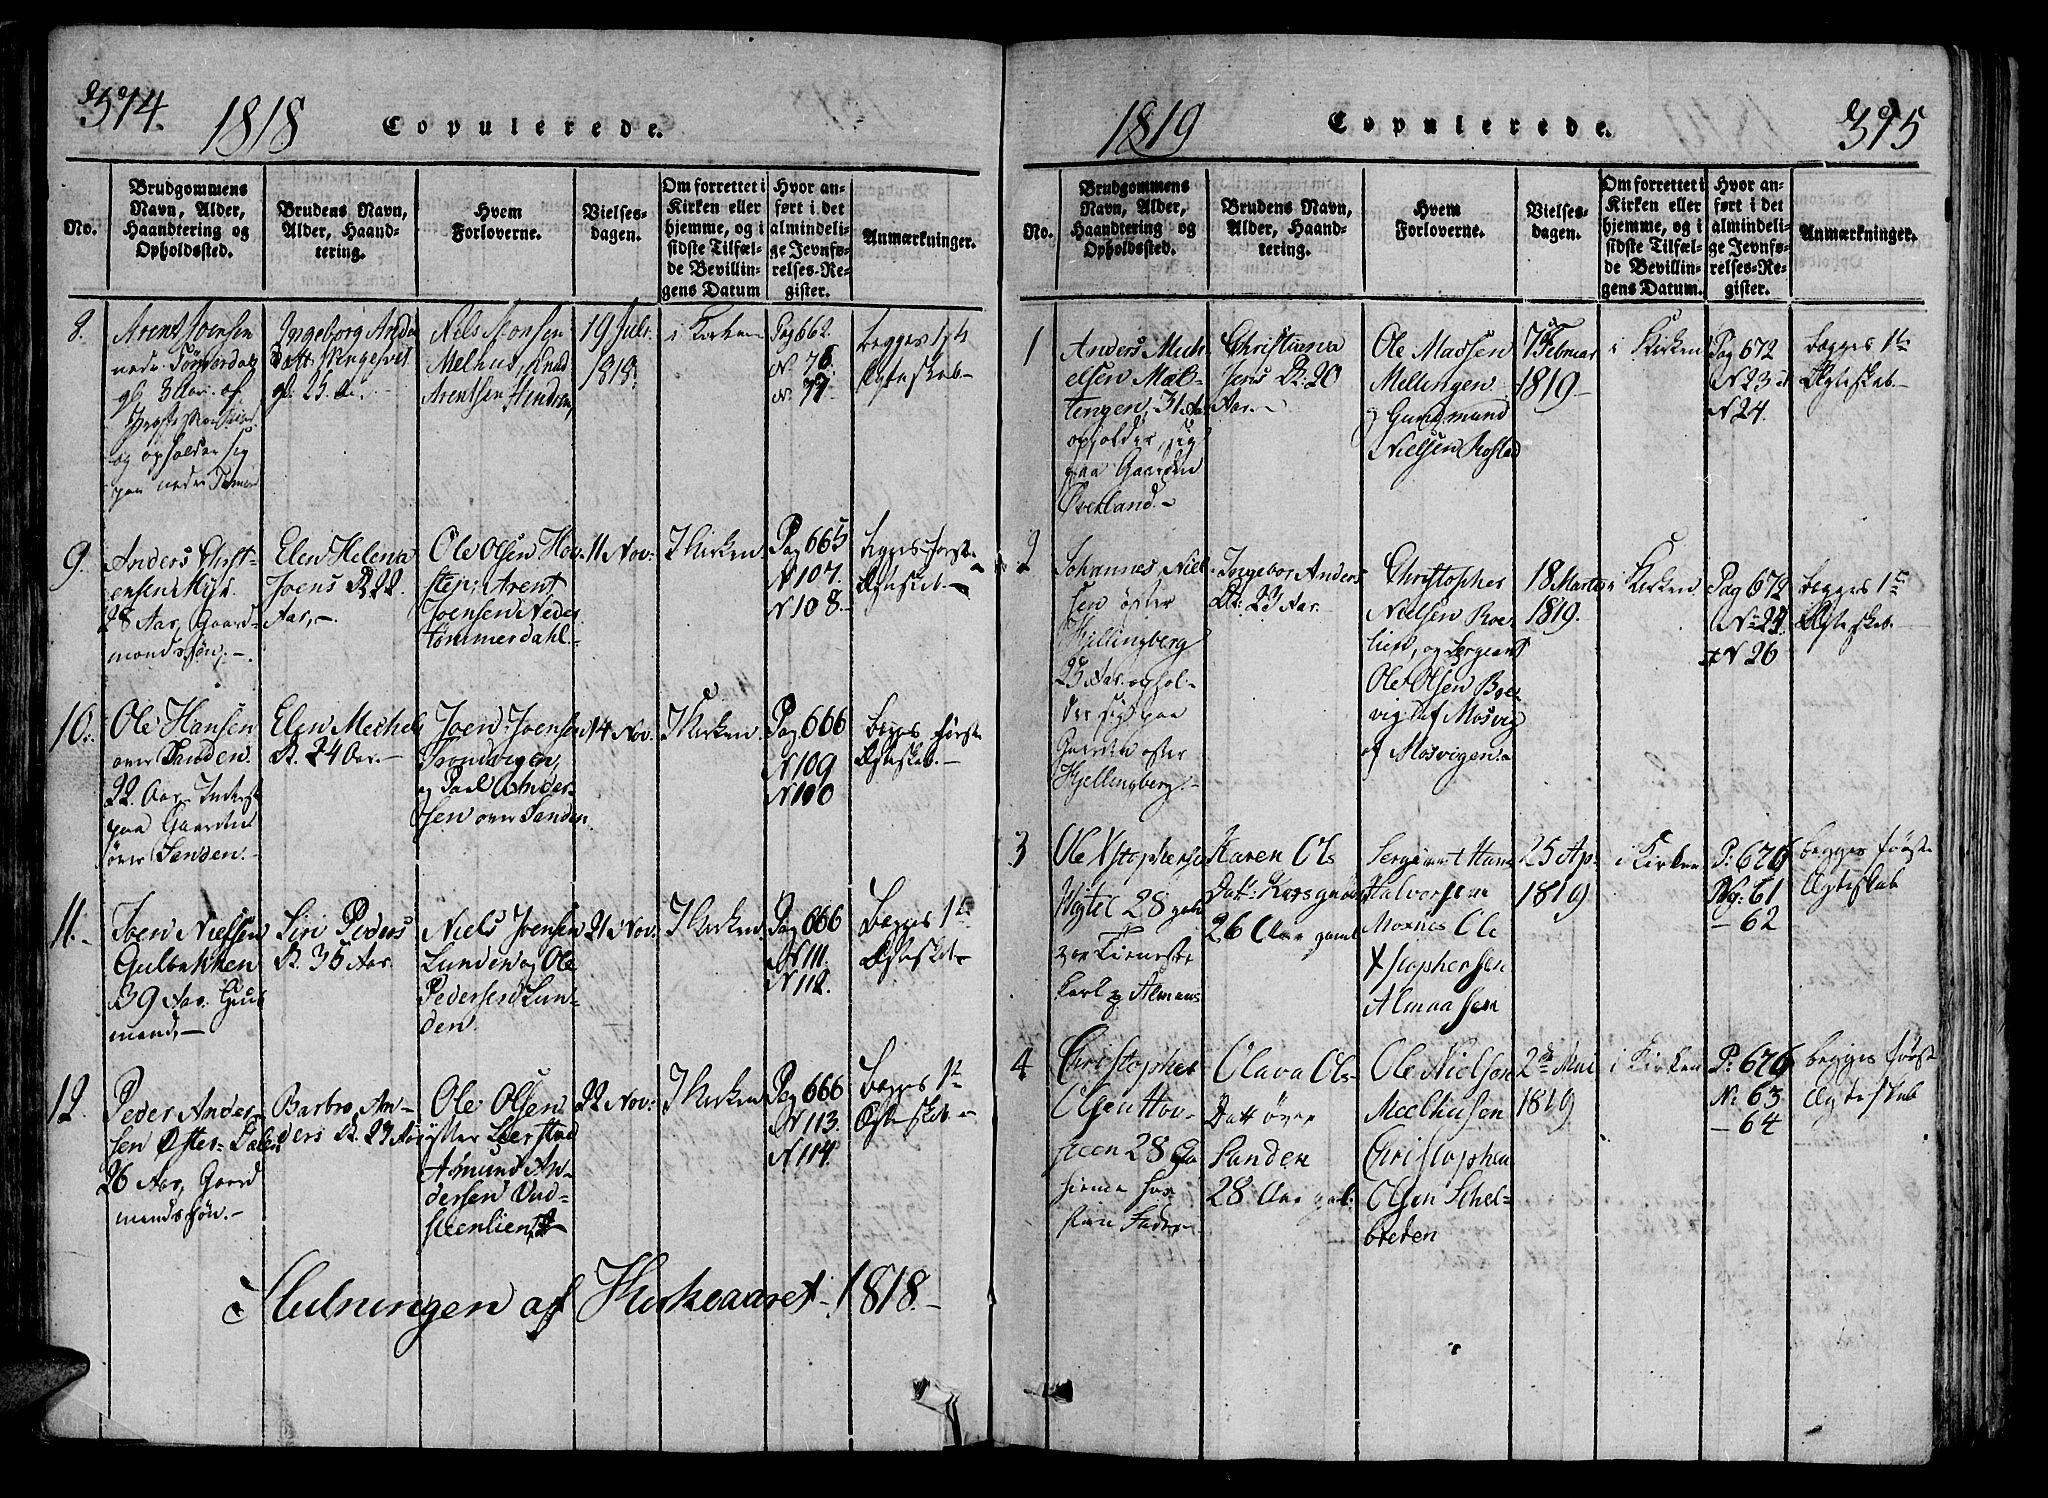 SAT, Ministerialprotokoller, klokkerbøker og fødselsregistre - Nord-Trøndelag, 701/L0005: Ministerialbok nr. 701A05 /1, 1816-1825, s. 374-375